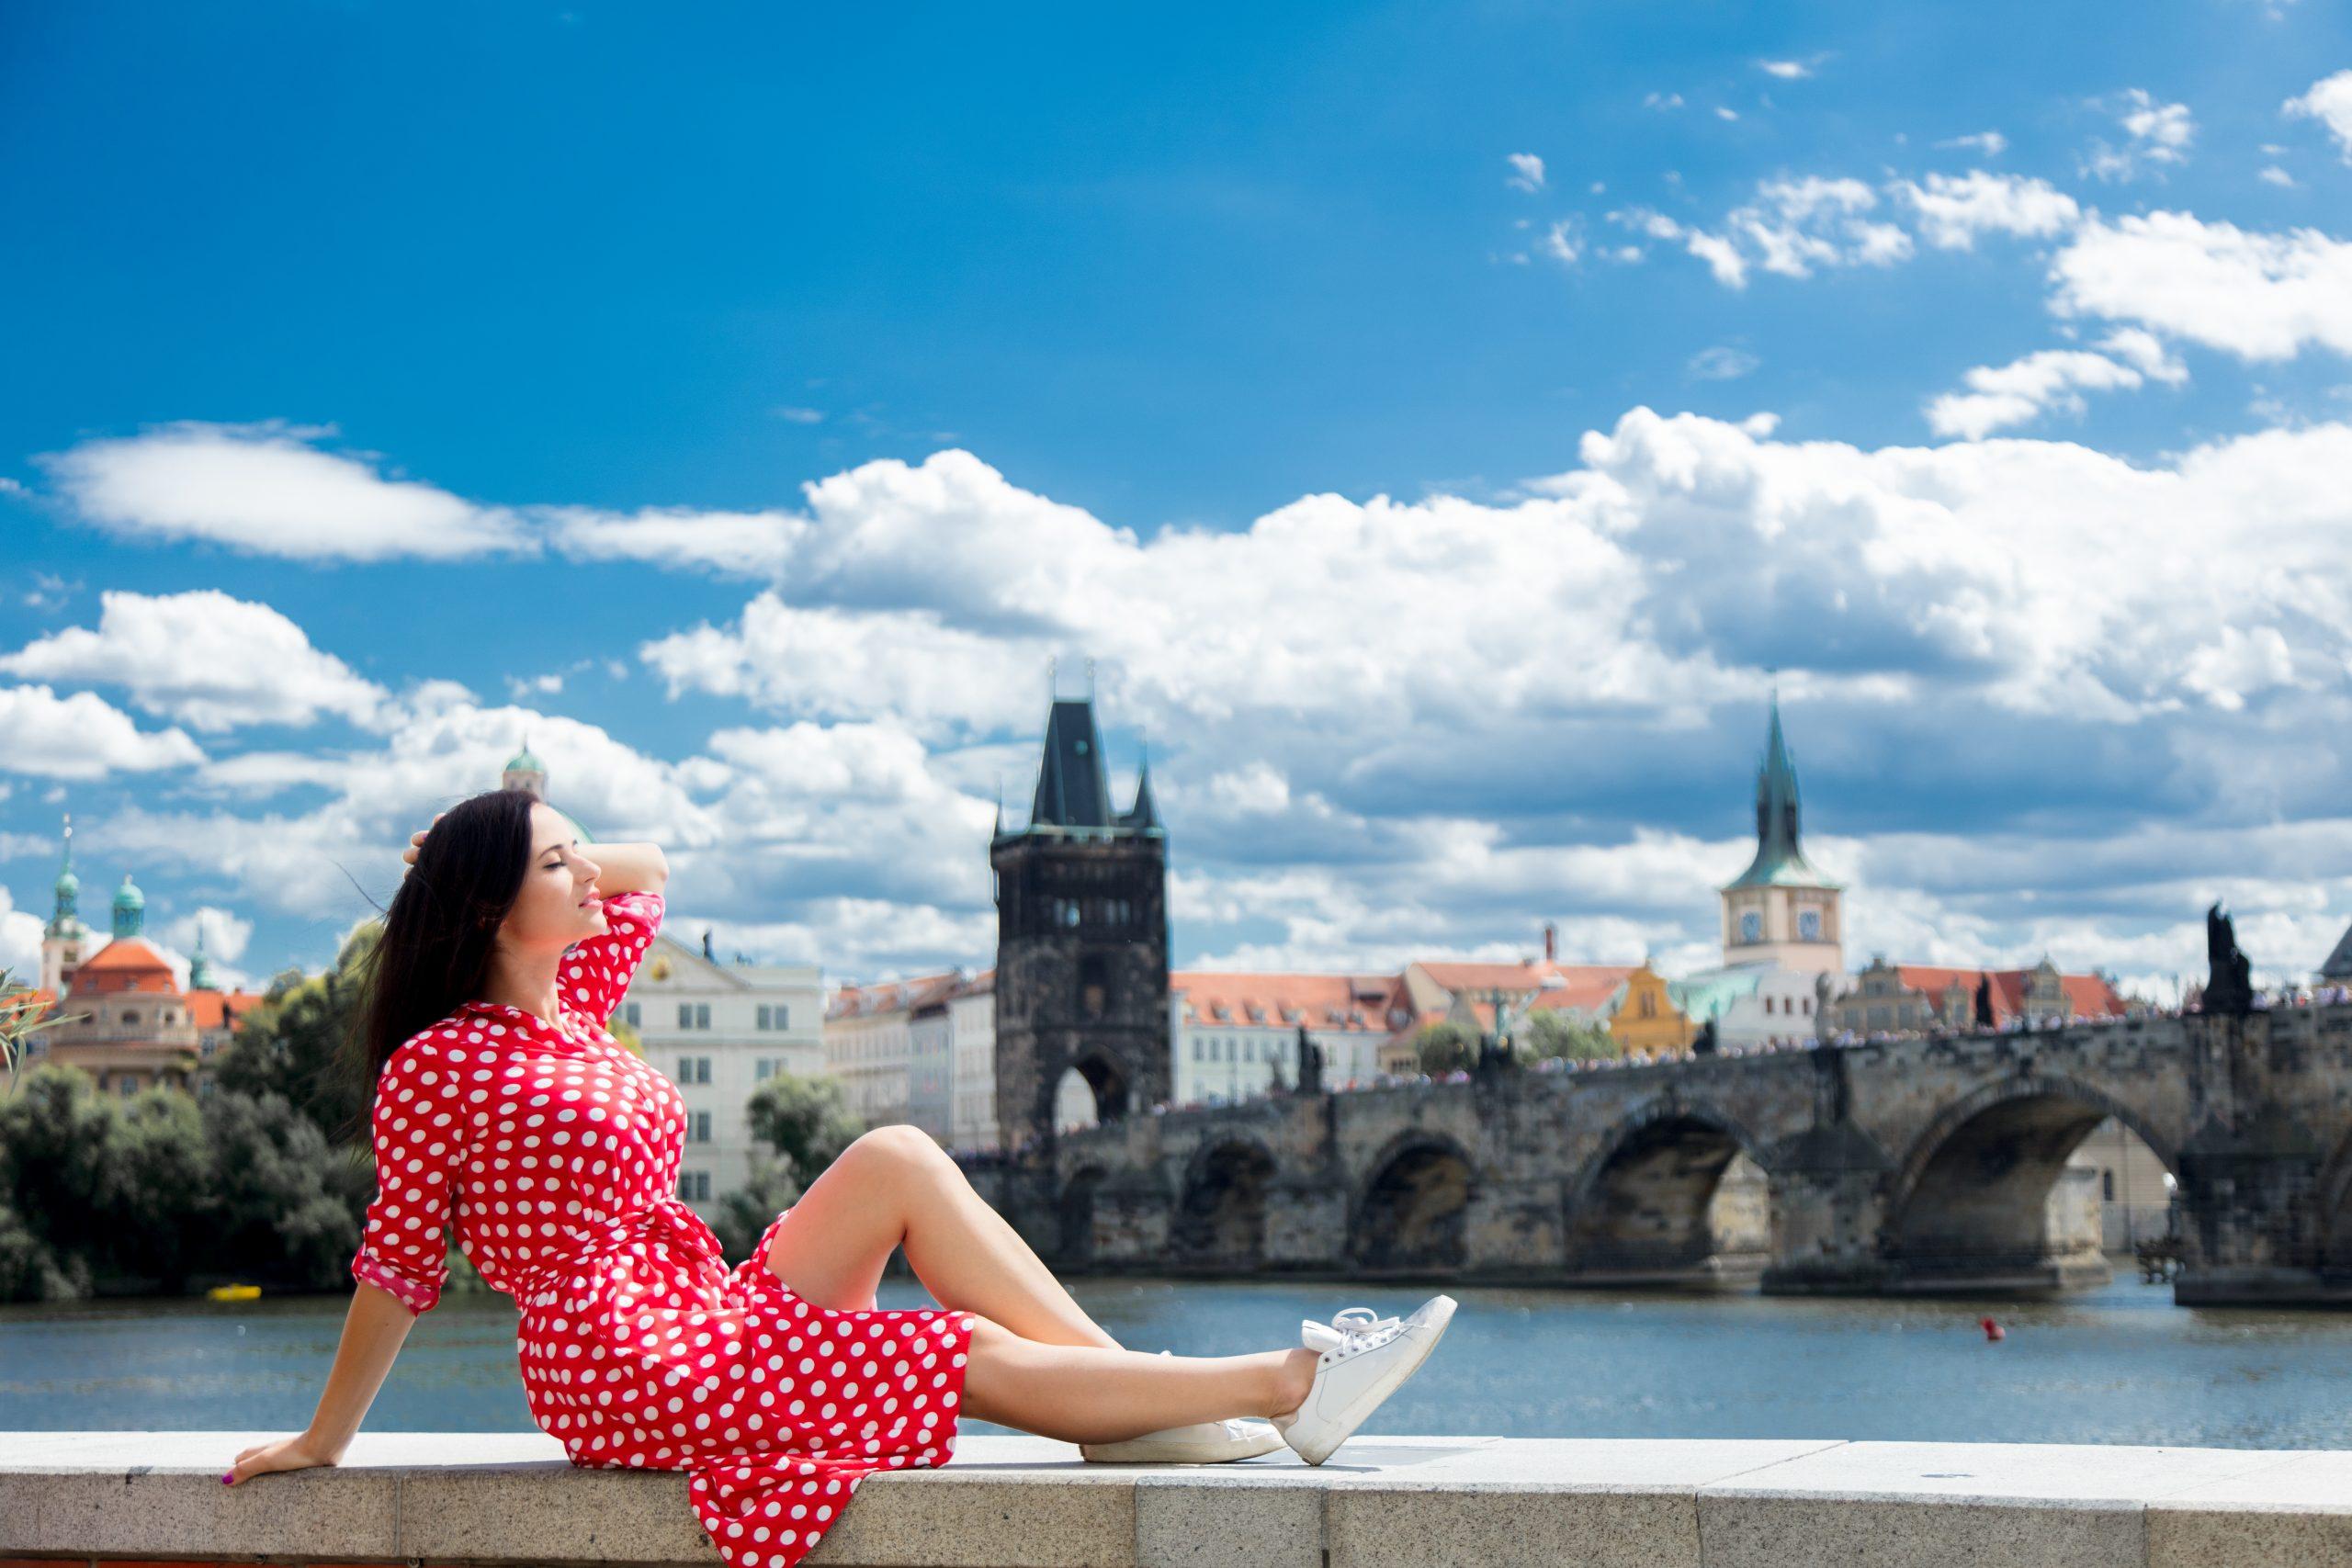 Rencontrer des femmes russes plaisir grands